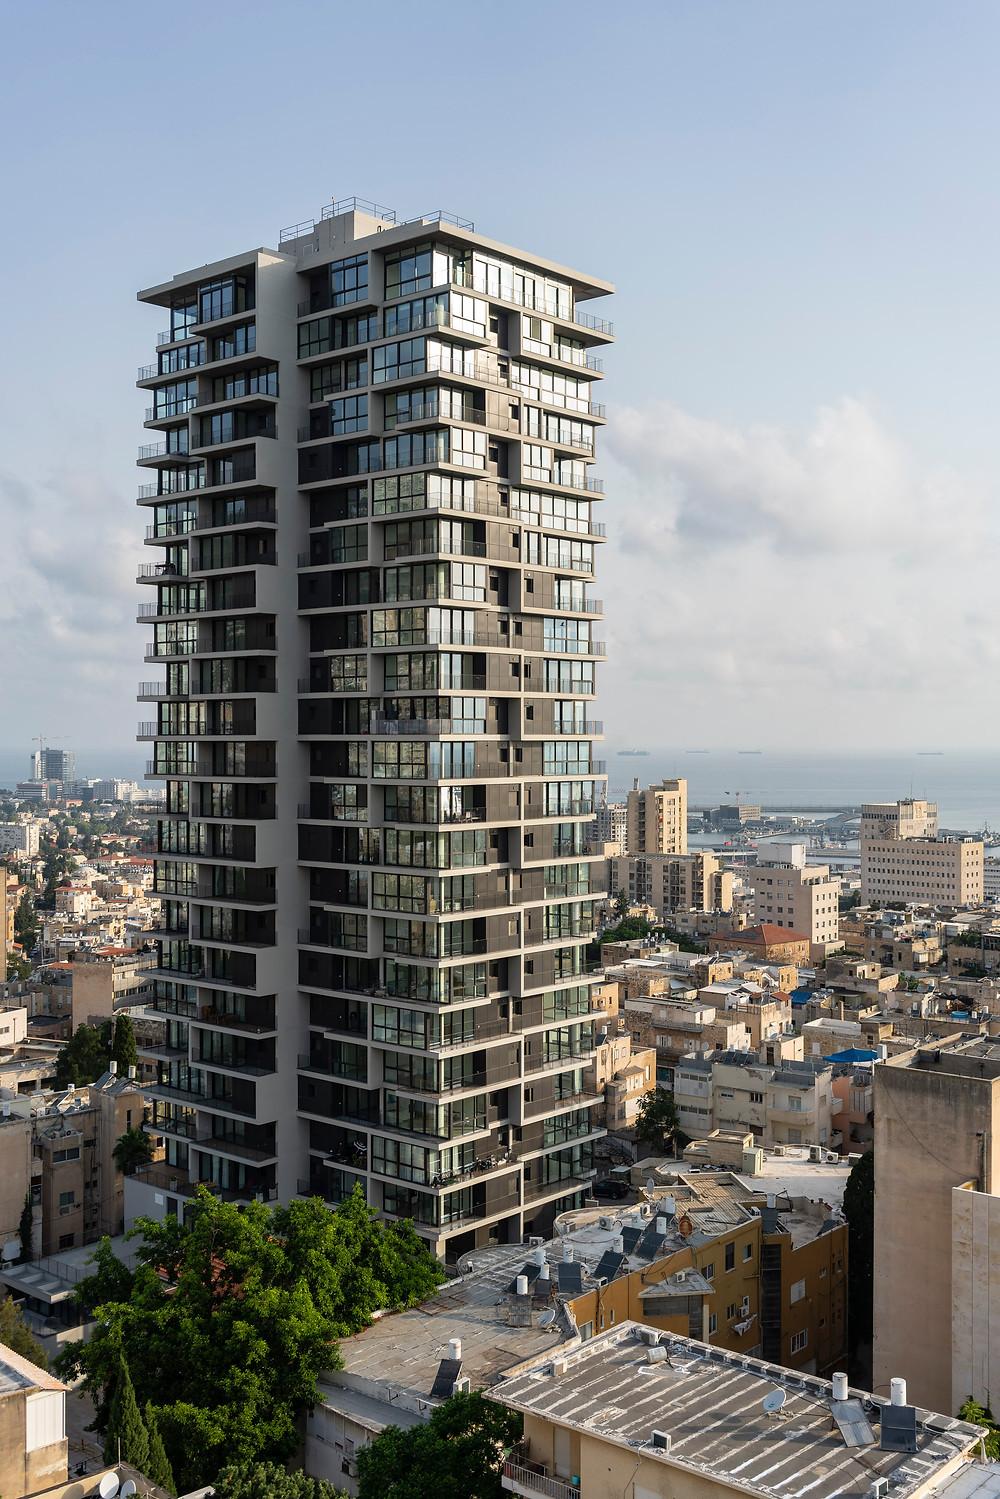 מגדל אחד העם חיפה על רקע מפרץ ונמל חיפה